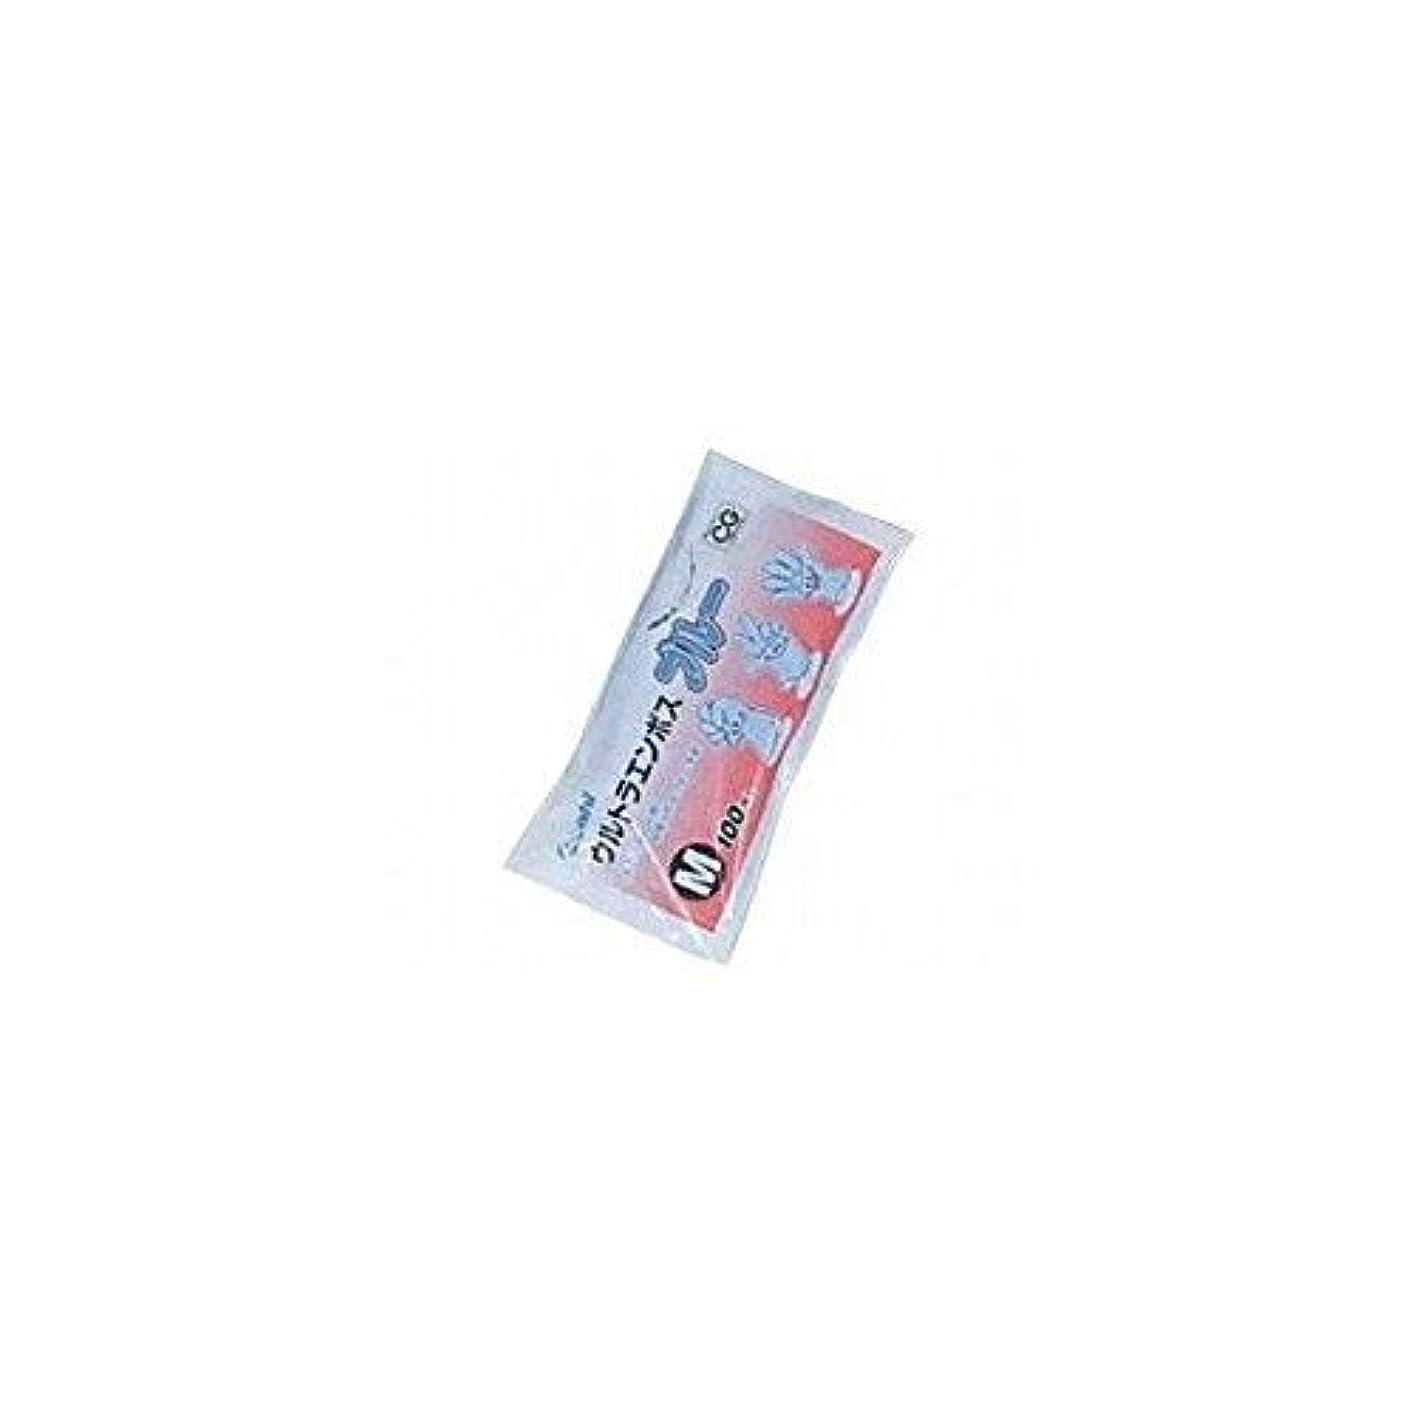 狭い義務づけるスポークスマンウルトラエンボス手袋 100枚袋入 / ブルー Mサイズ ケース(60袋入)